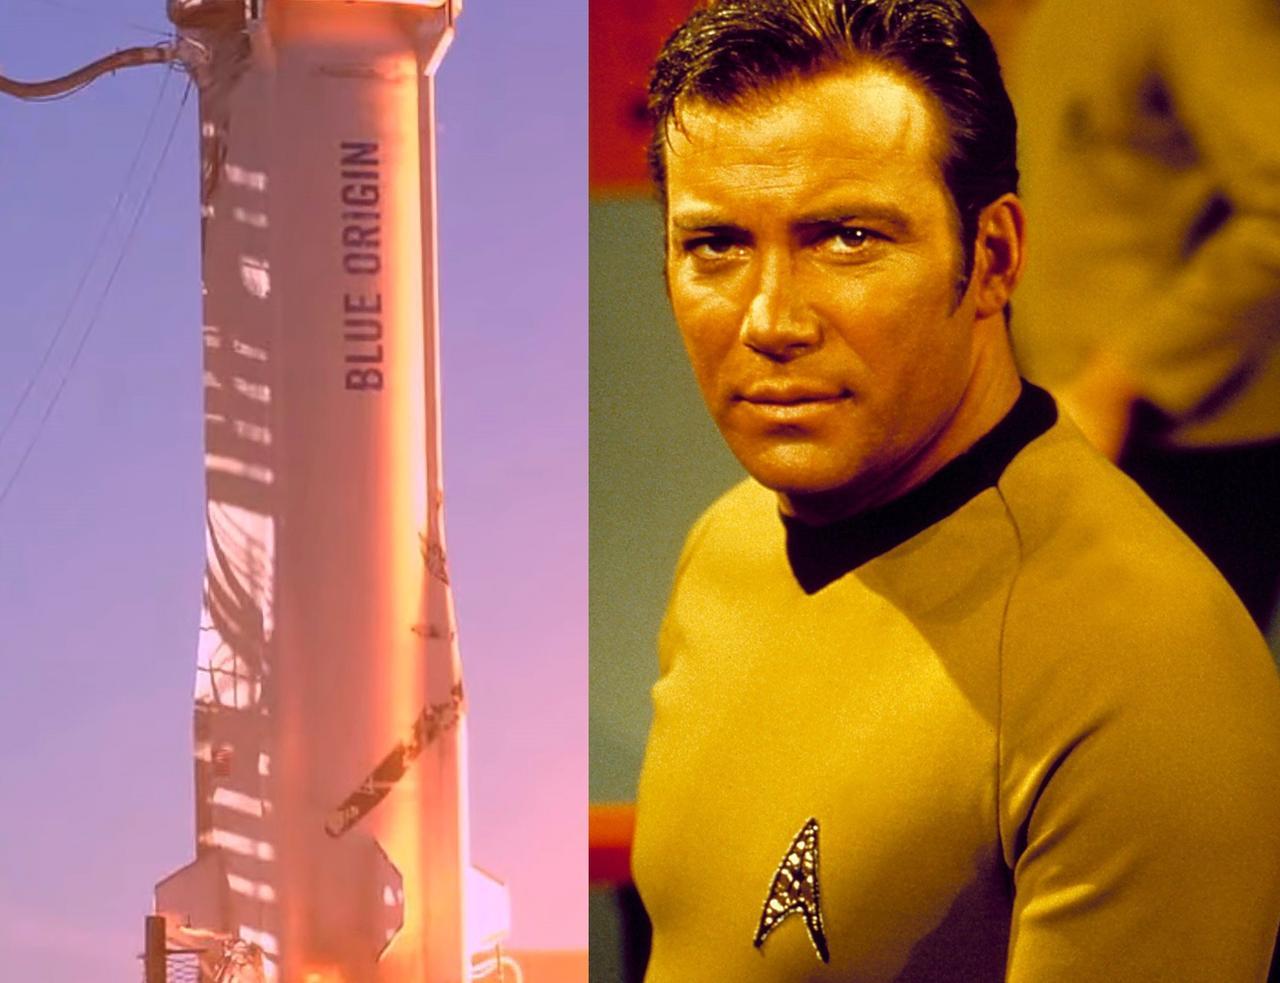 El 'capitán Kirk' llega al espacio a bordo de cohete de Jeff Bezos